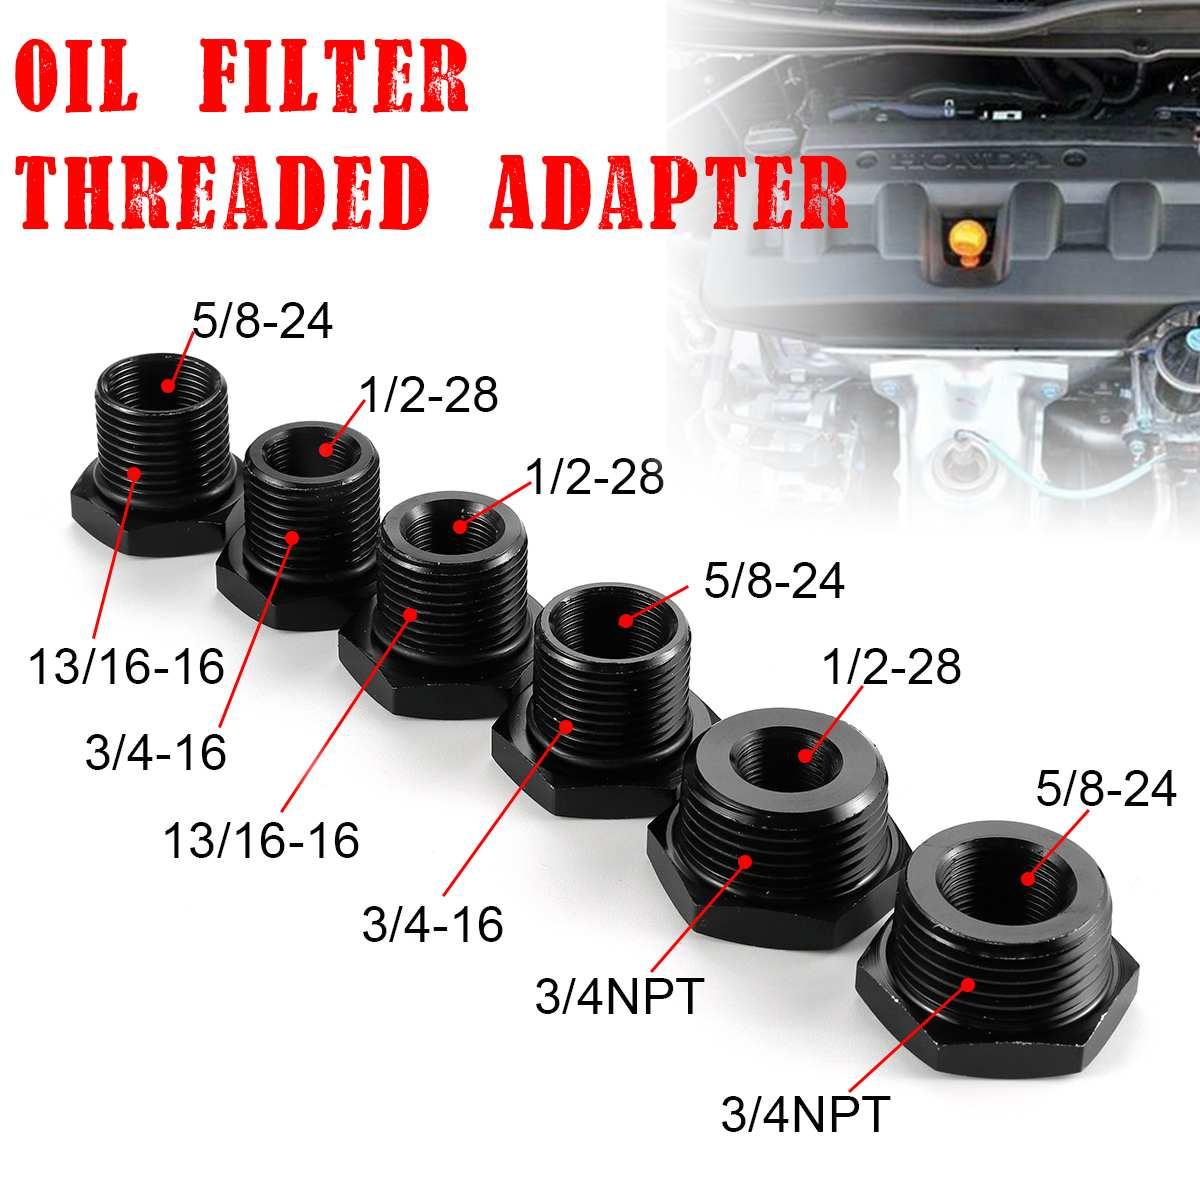 Adaptador de filtro de aceite de coche de acero 1/2 Uds 1/2-28/5/8-24 A 3/4-16/13/16-16/3/4 NPT para STP S3600